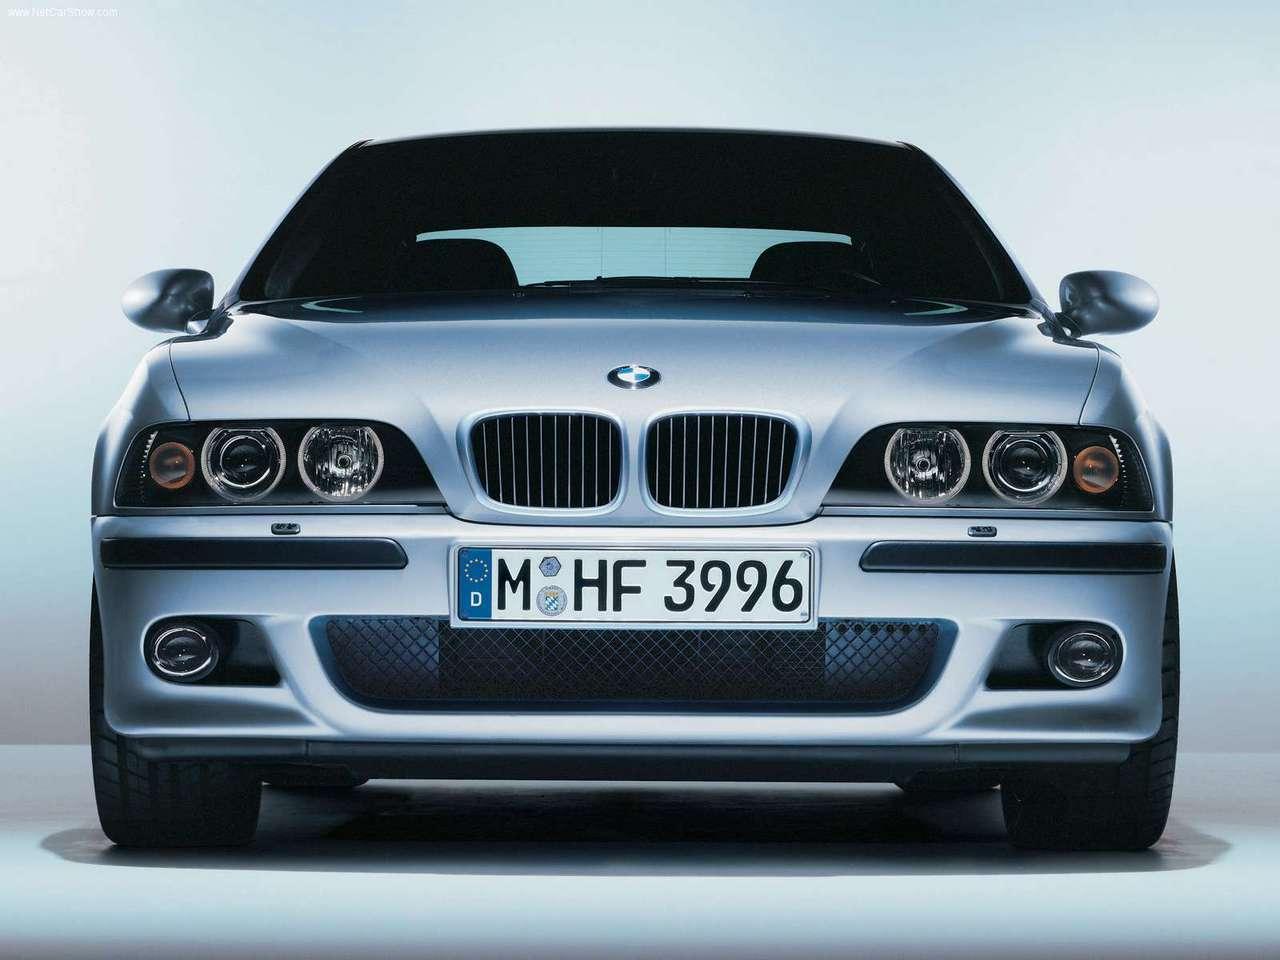 http://2.bp.blogspot.com/_xhqjRo6NERQ/S68mCc4j3cI/AAAAAAAAGd0/PF-uVw_PM00/s1600/BMW-M5_2001_1280x960_wallpaper_03.jpg